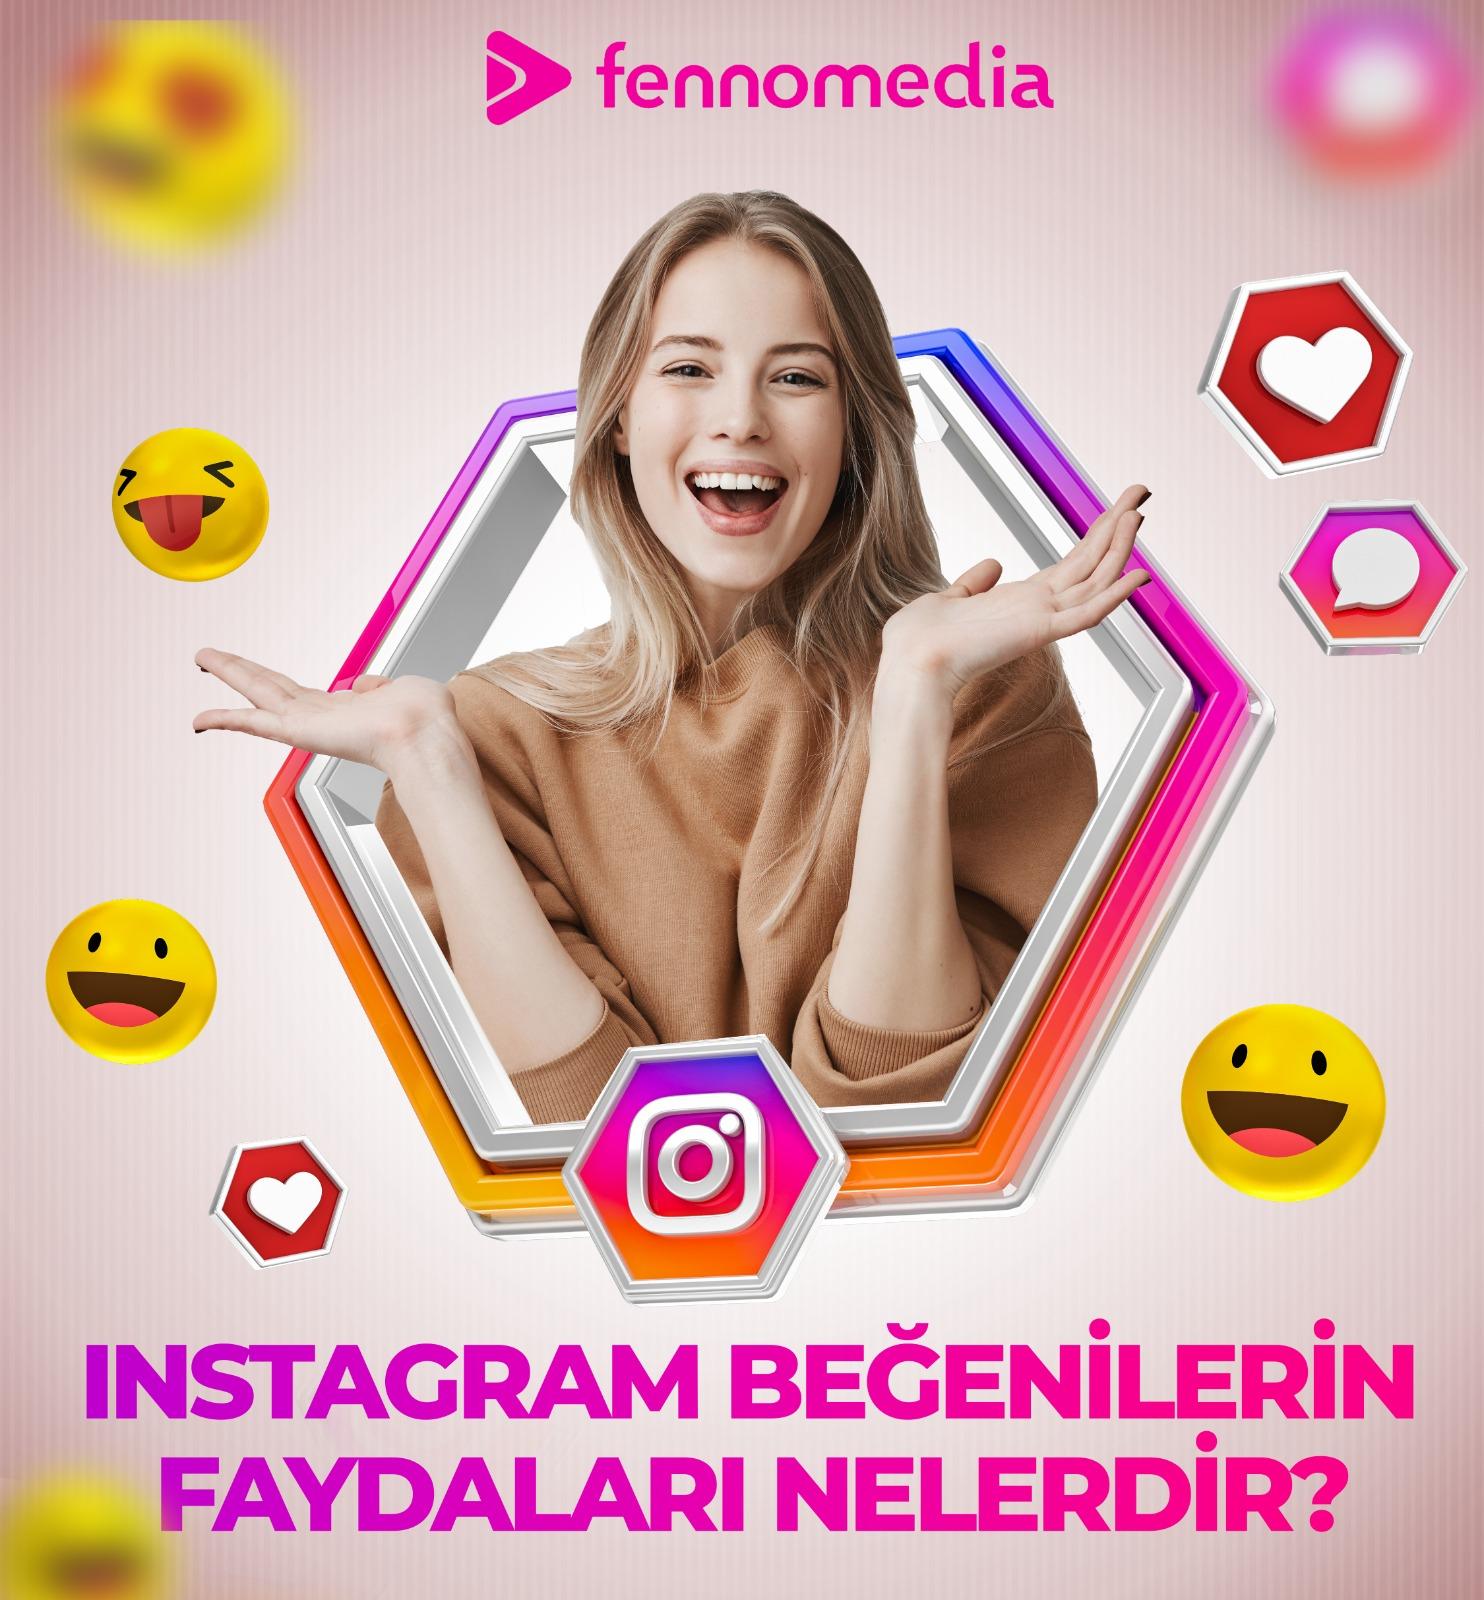 Instagram beğenilerinin faydaları nelerdir